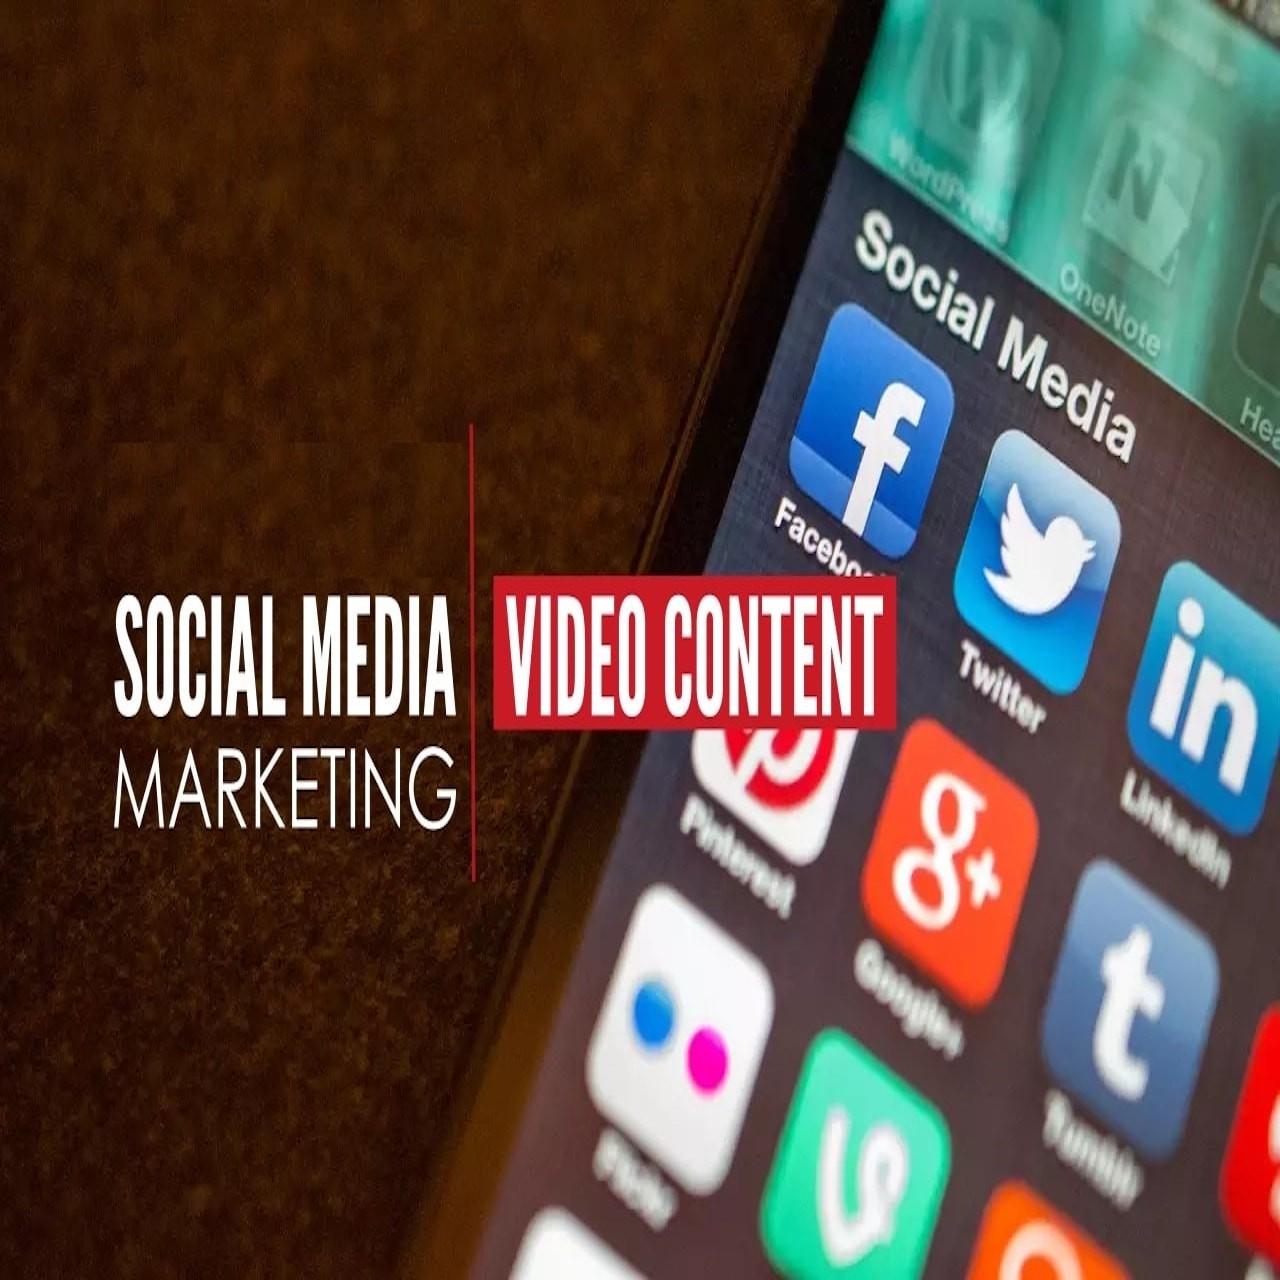 Social Media Video Content